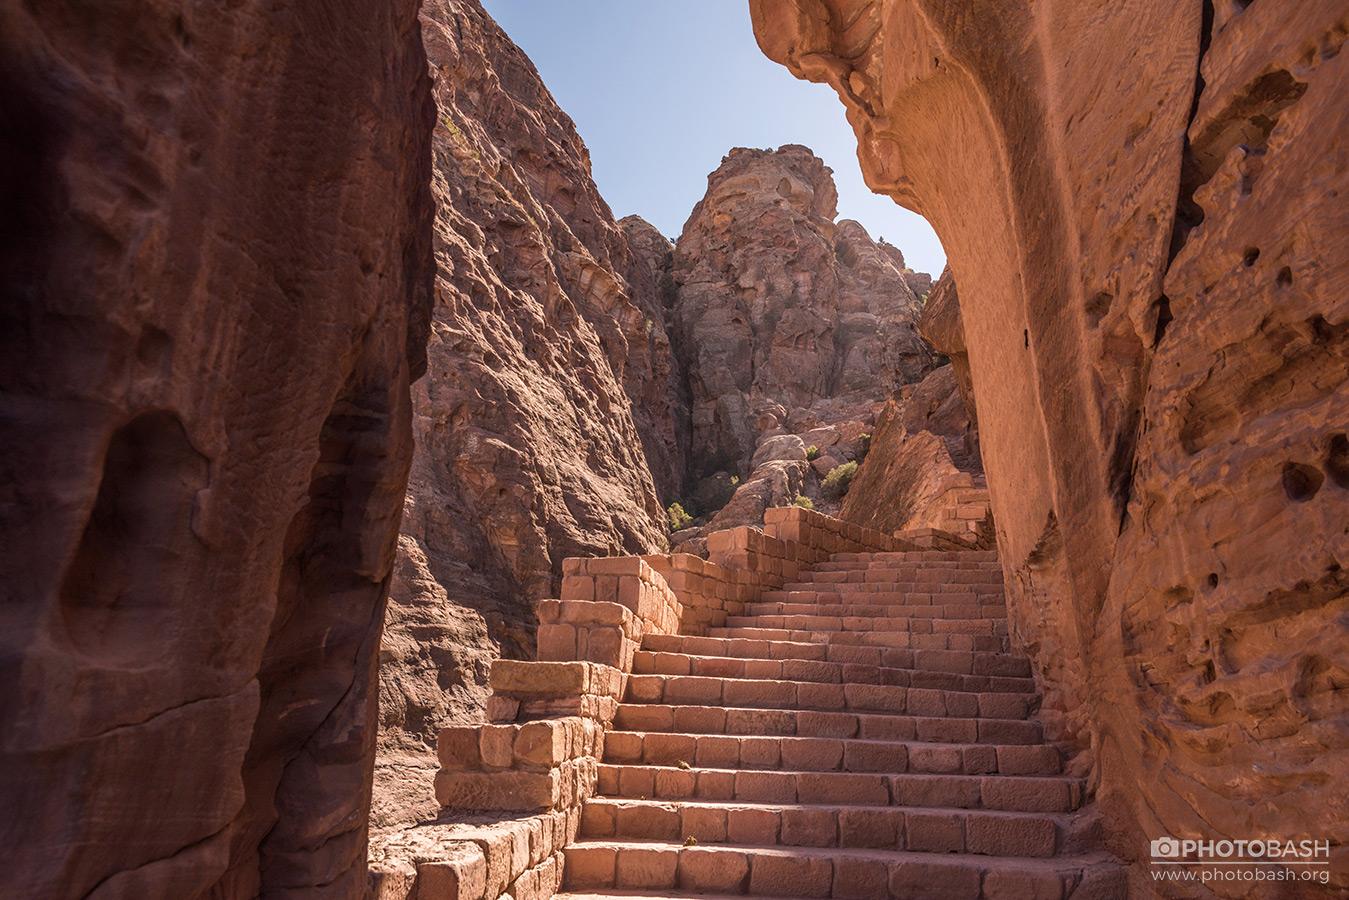 Petra-Ruins-Ancient-Staircase.jpg